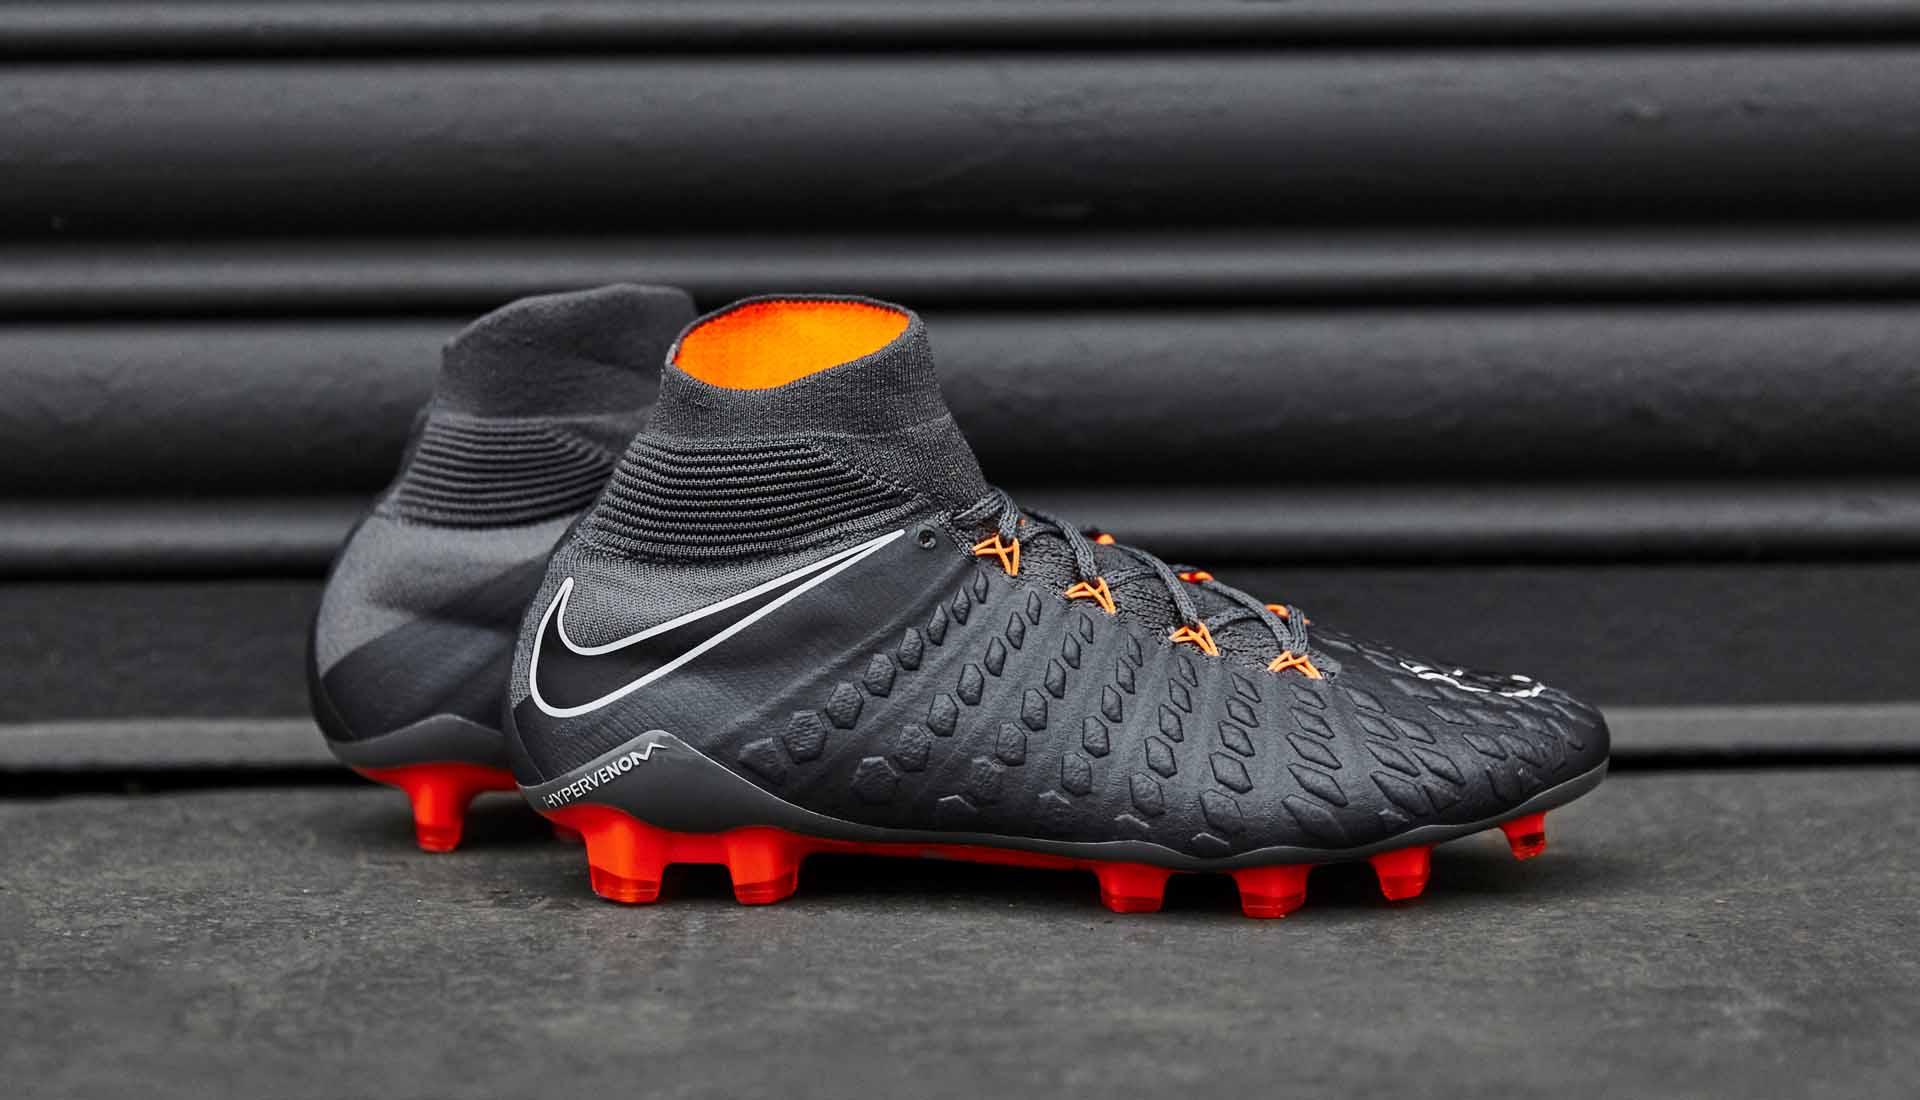 Chaussures Nike Hypervenom 3 Fast AF pack